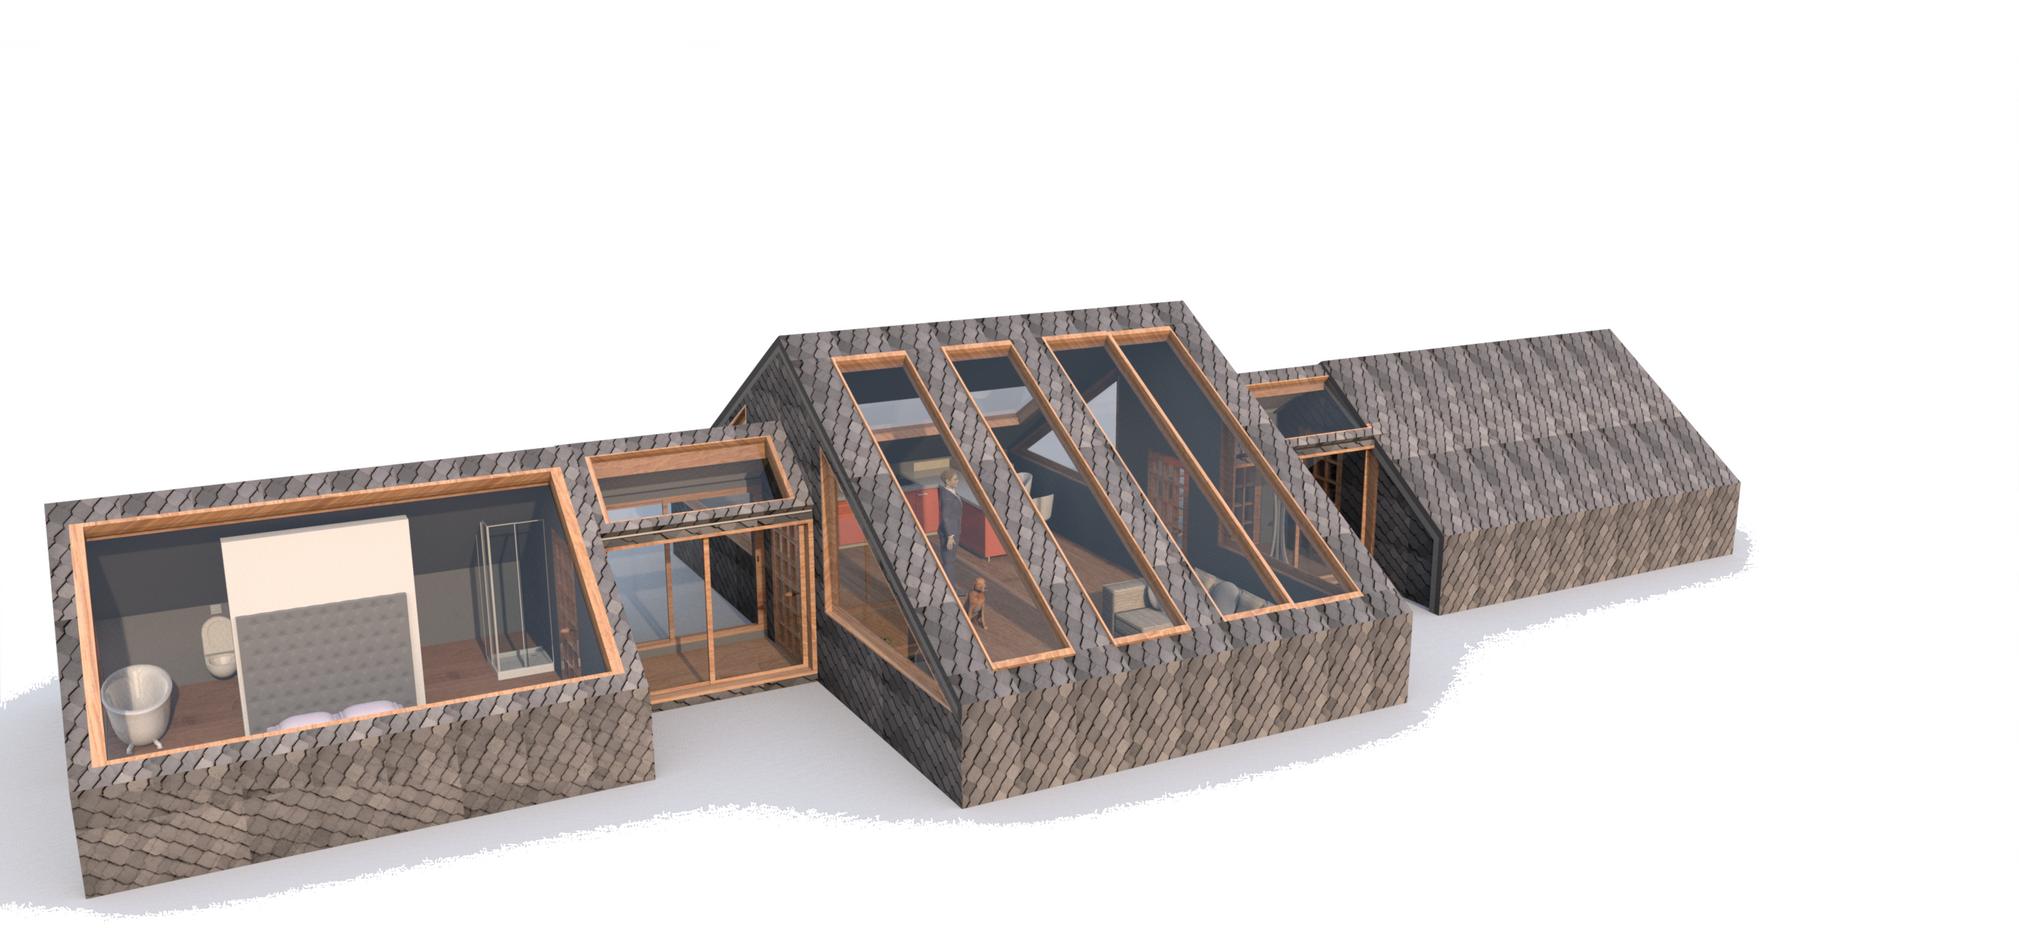 3 A-FRAME HOUSE